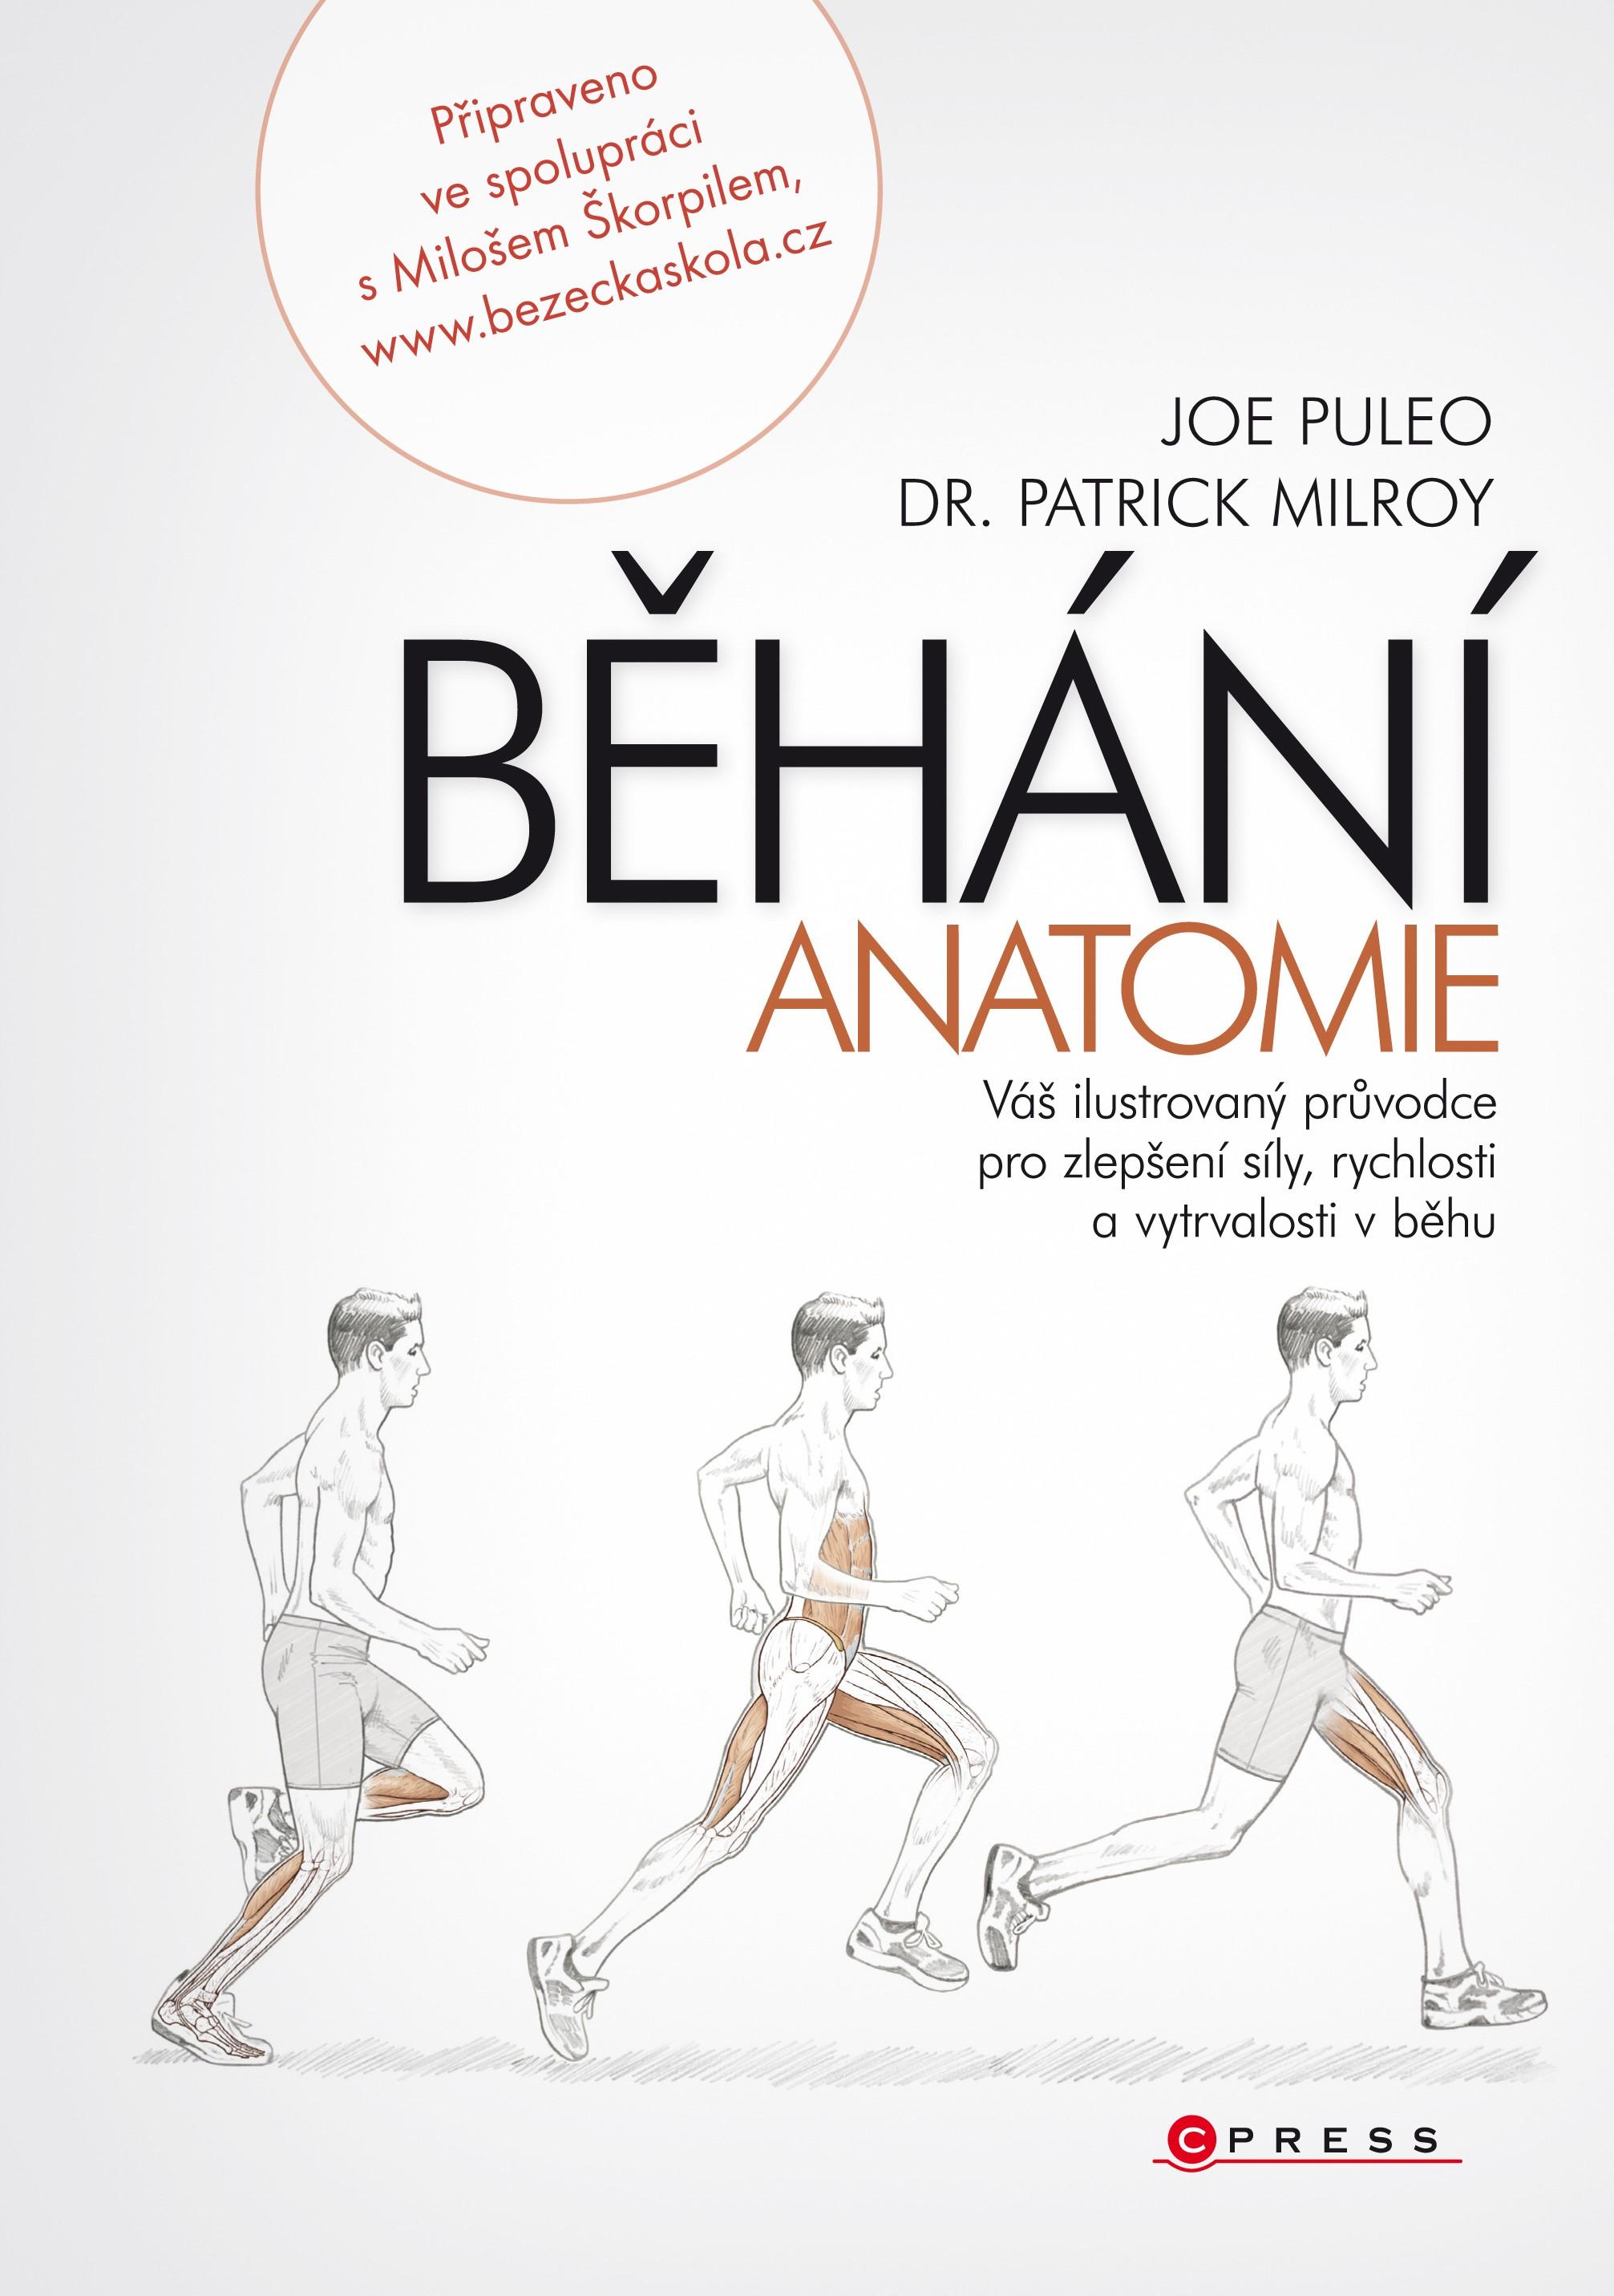 Běhání - anatomie   Joe Puleo, Patrick Milroy